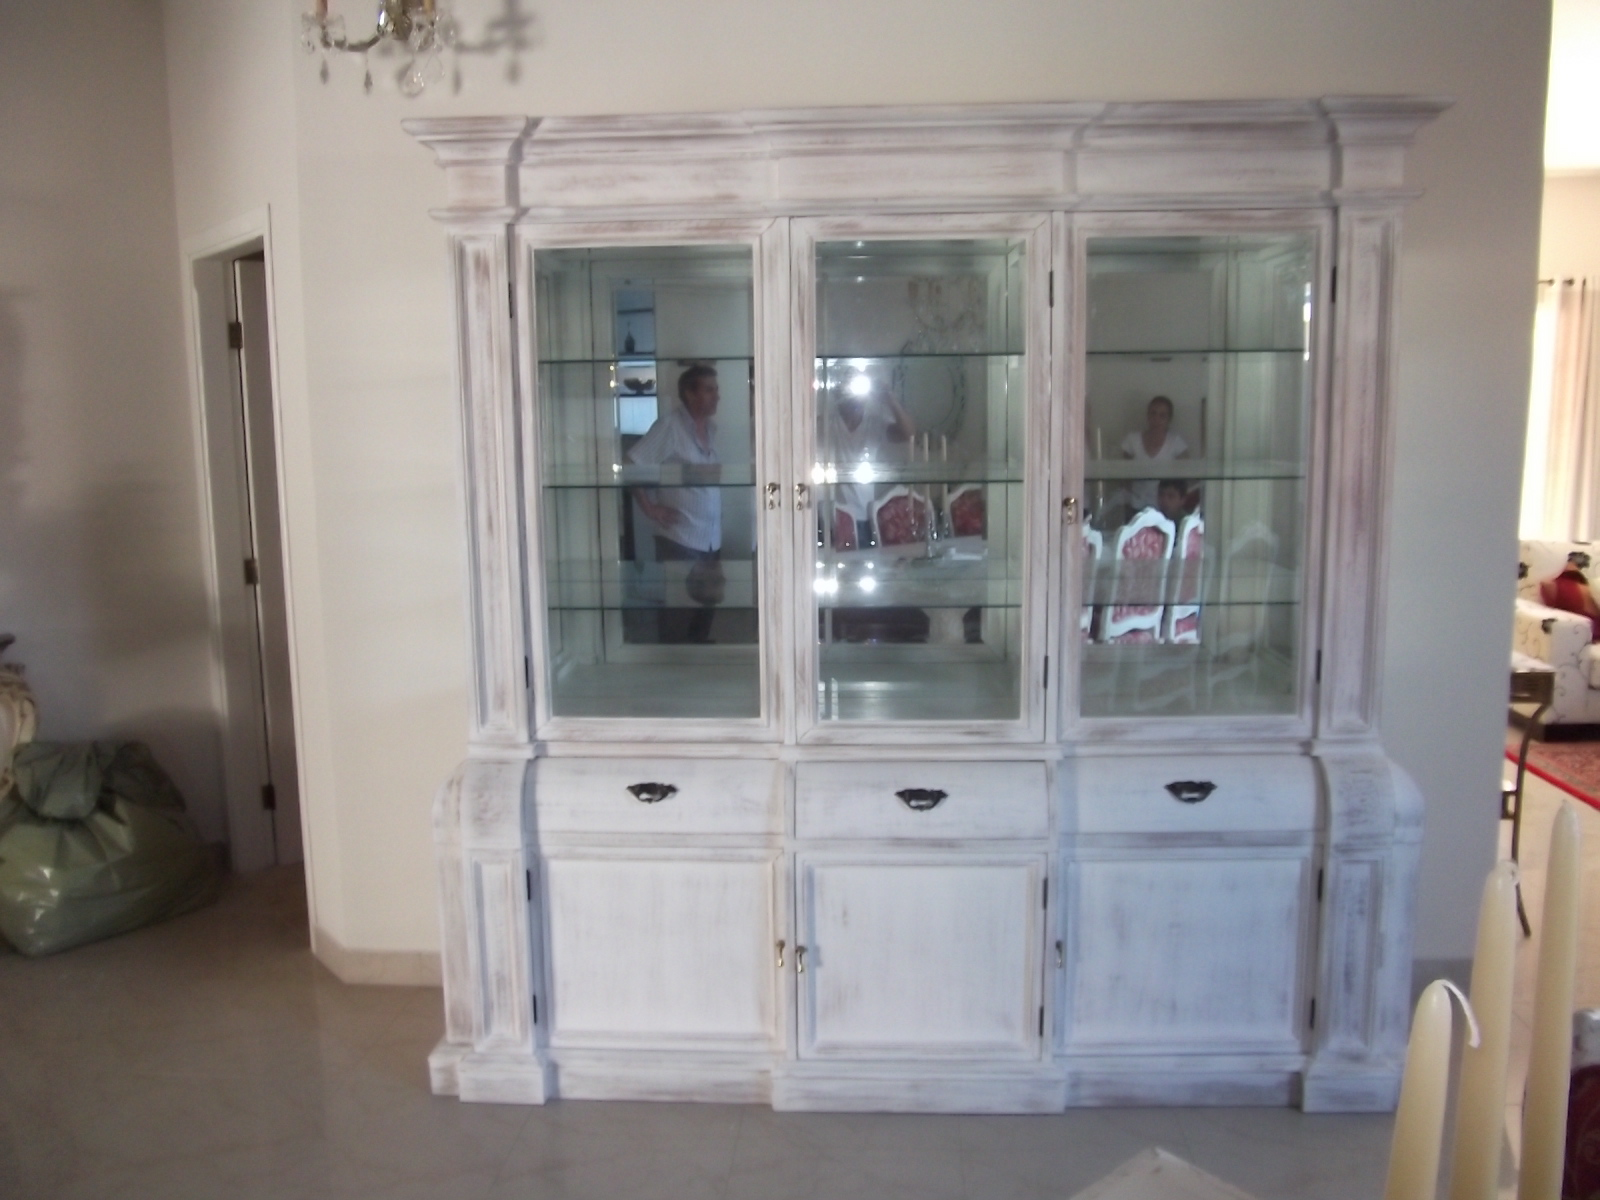 decoracao de interiores em estilo provencal:Blog Decoração de Interiores – A5 decoravip: Moveis luis XVI